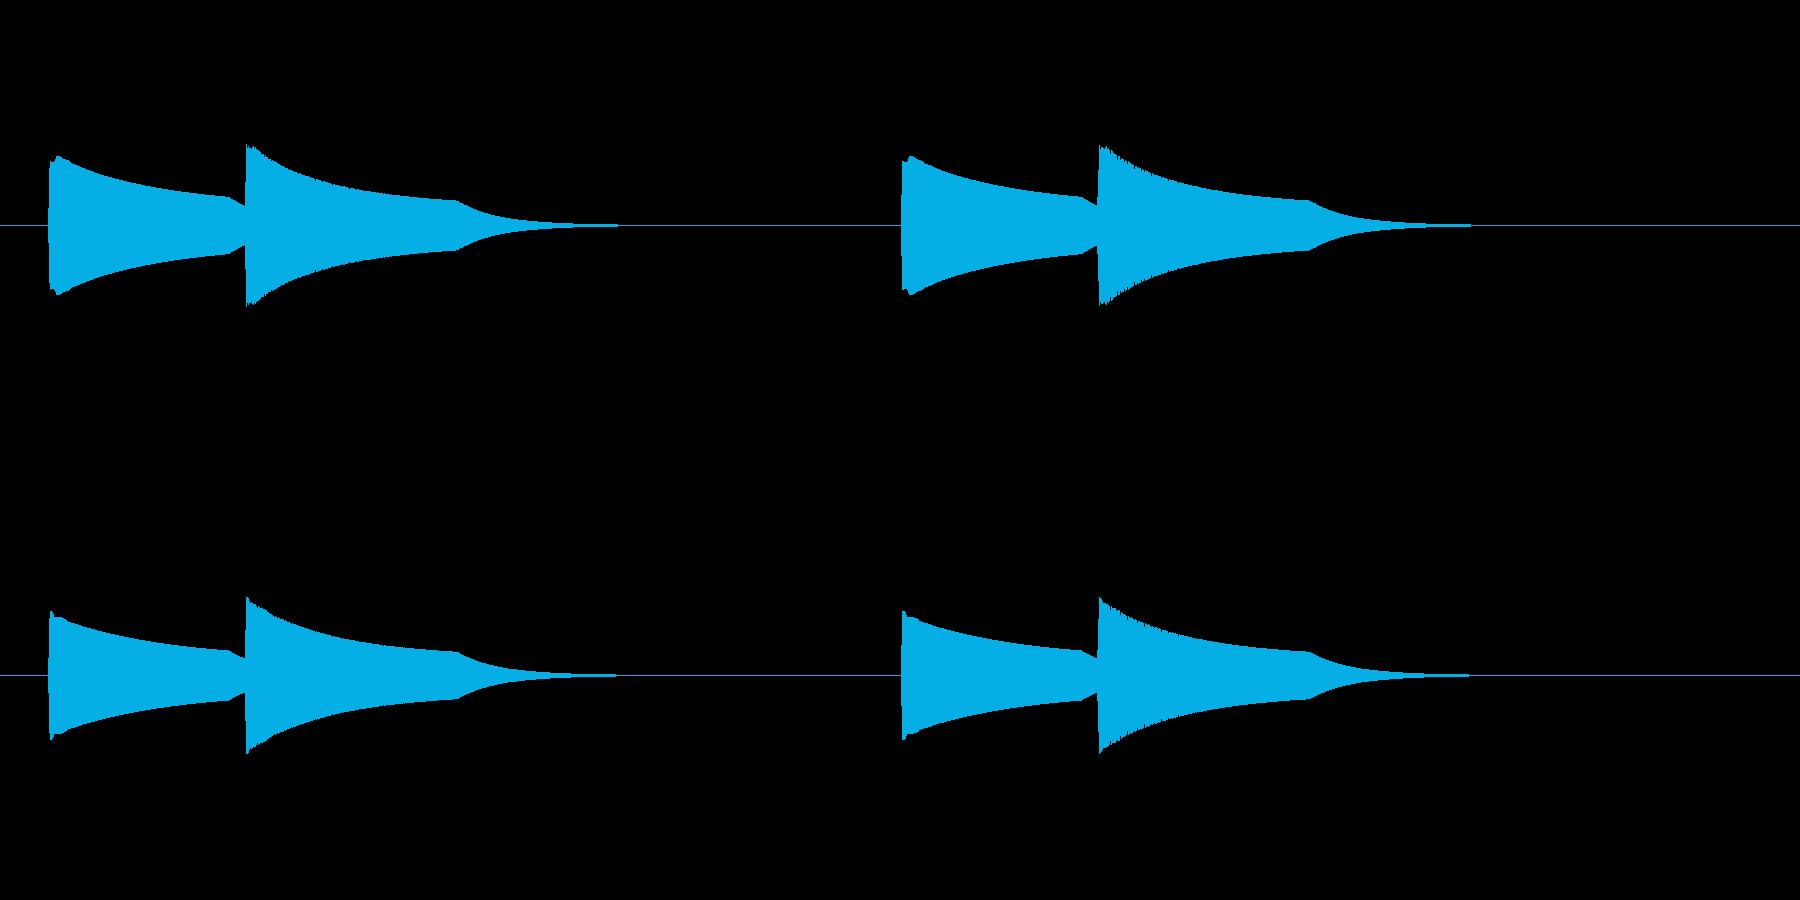 ピンポーン(インターホン)2回バージョンの再生済みの波形